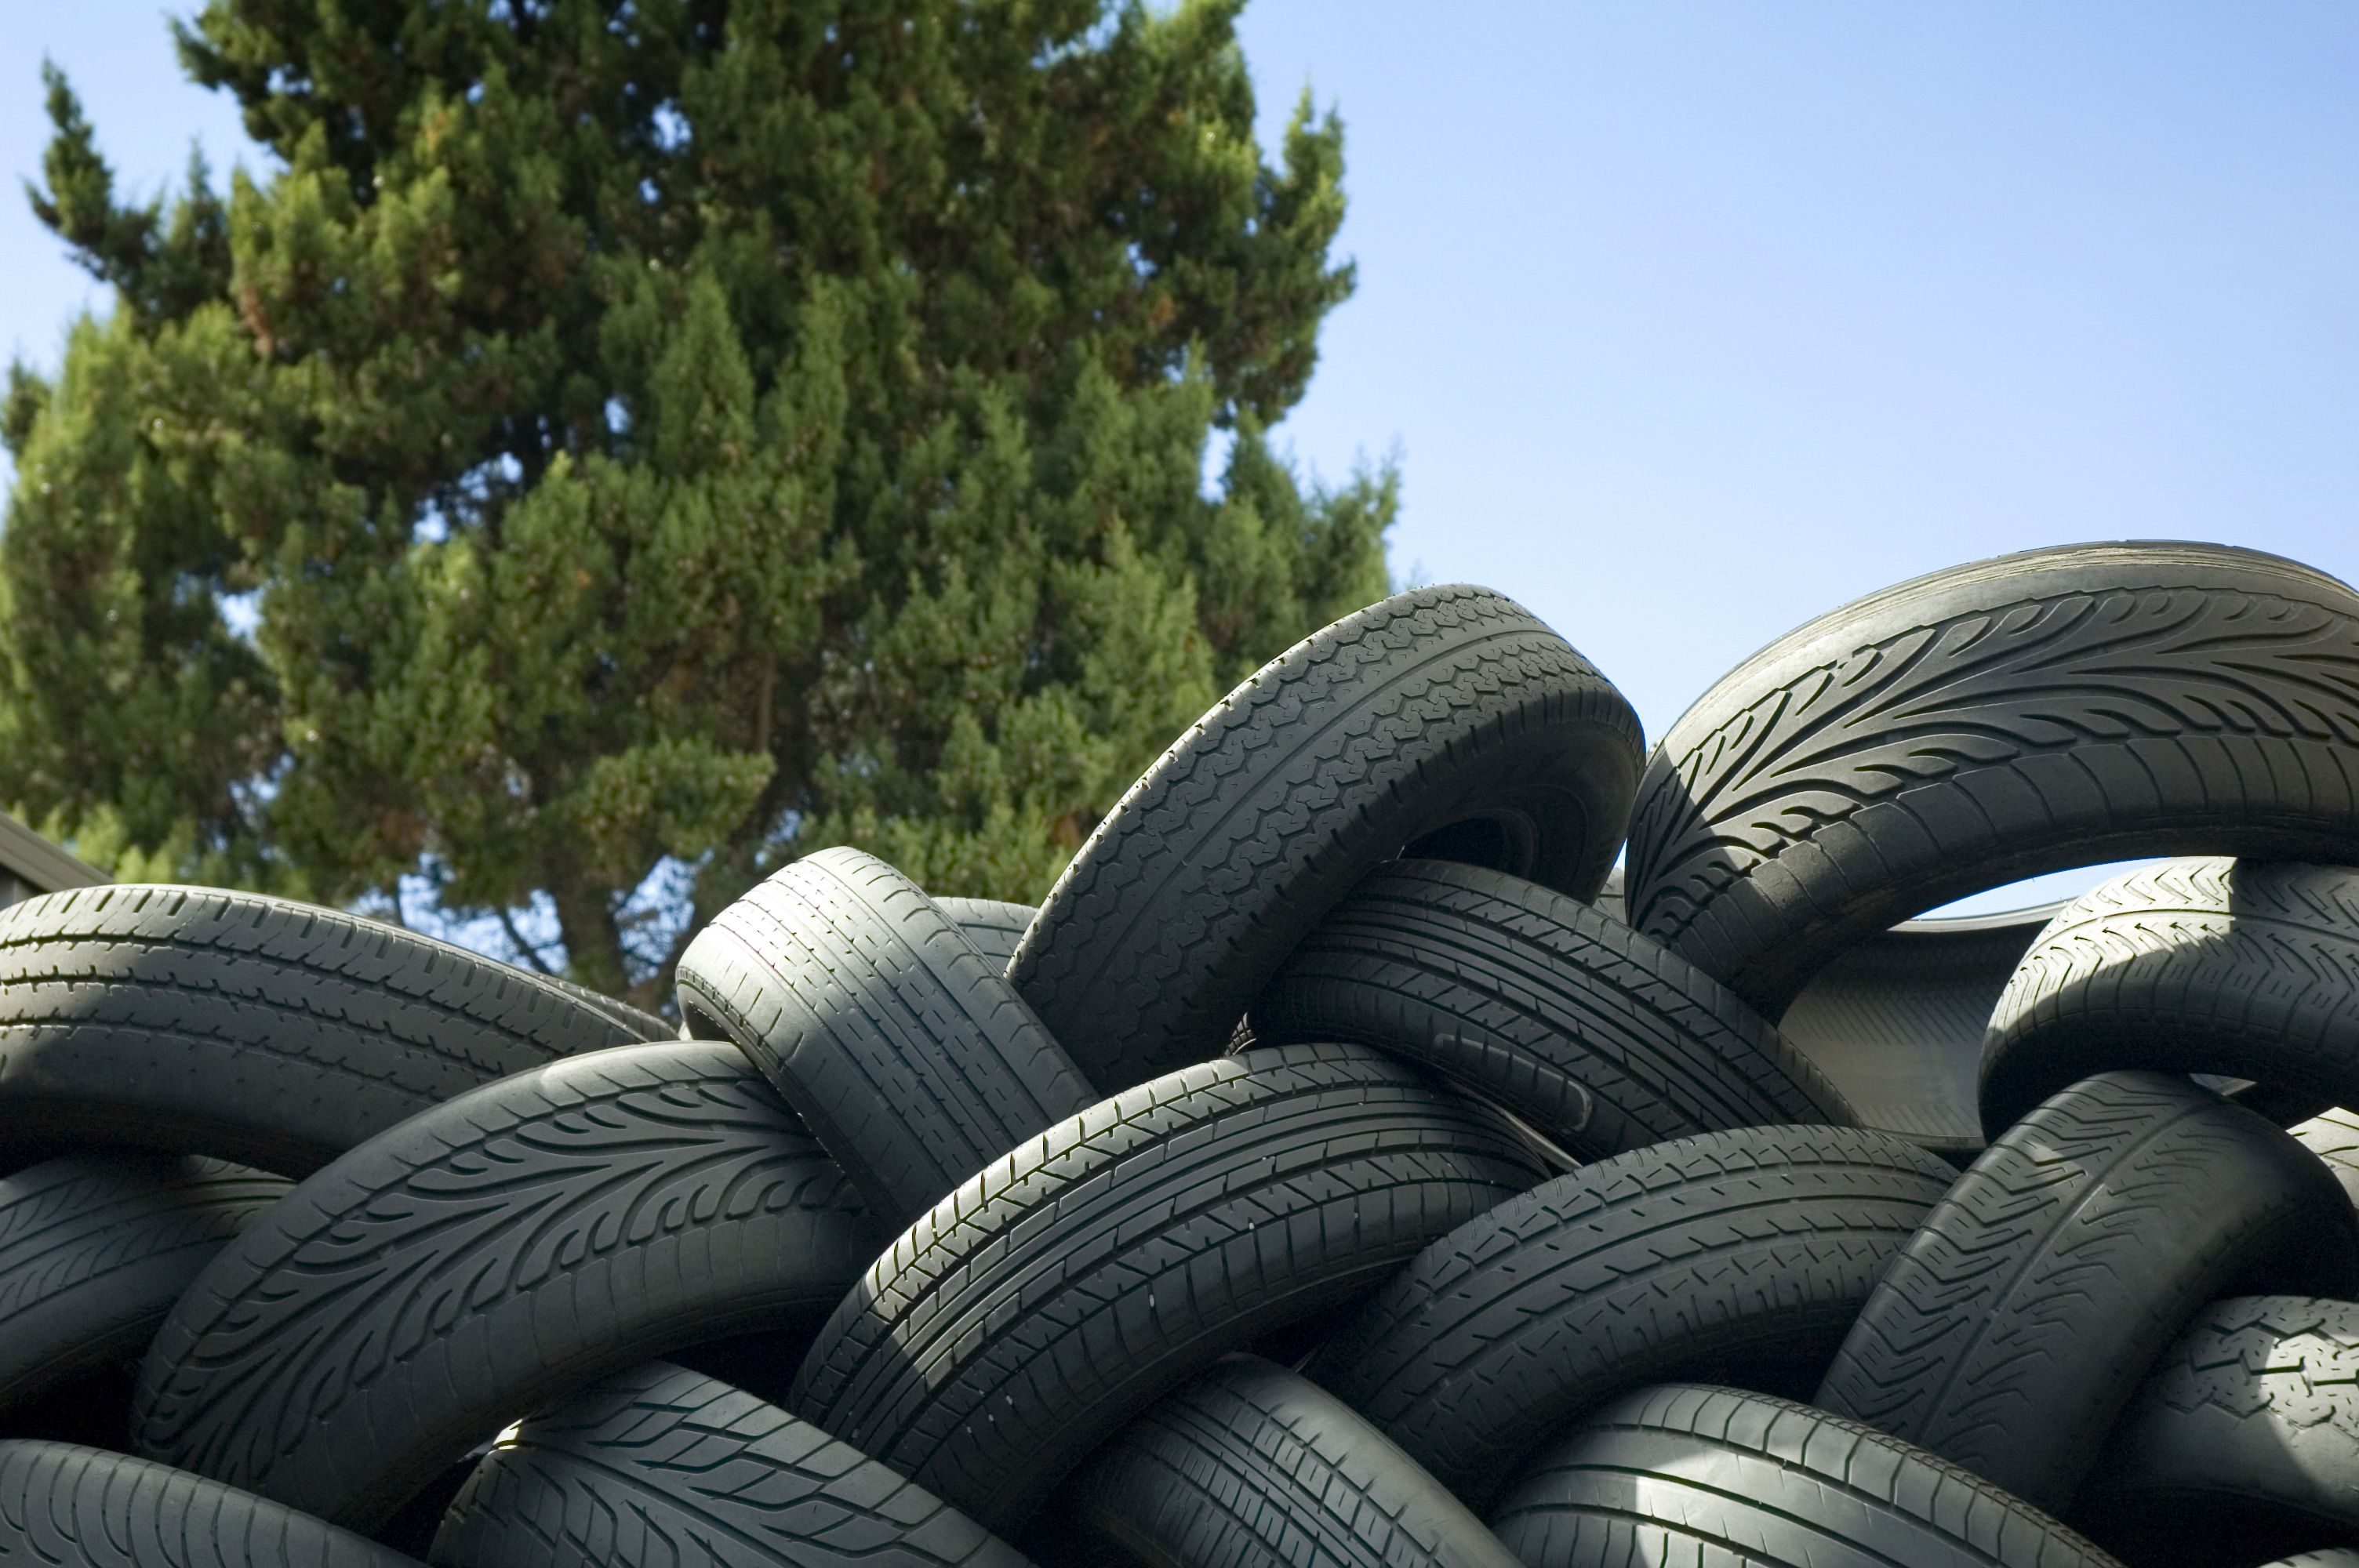 Neumáticos de segunda mano: Productos y servicios de Neumáticos Teodoro